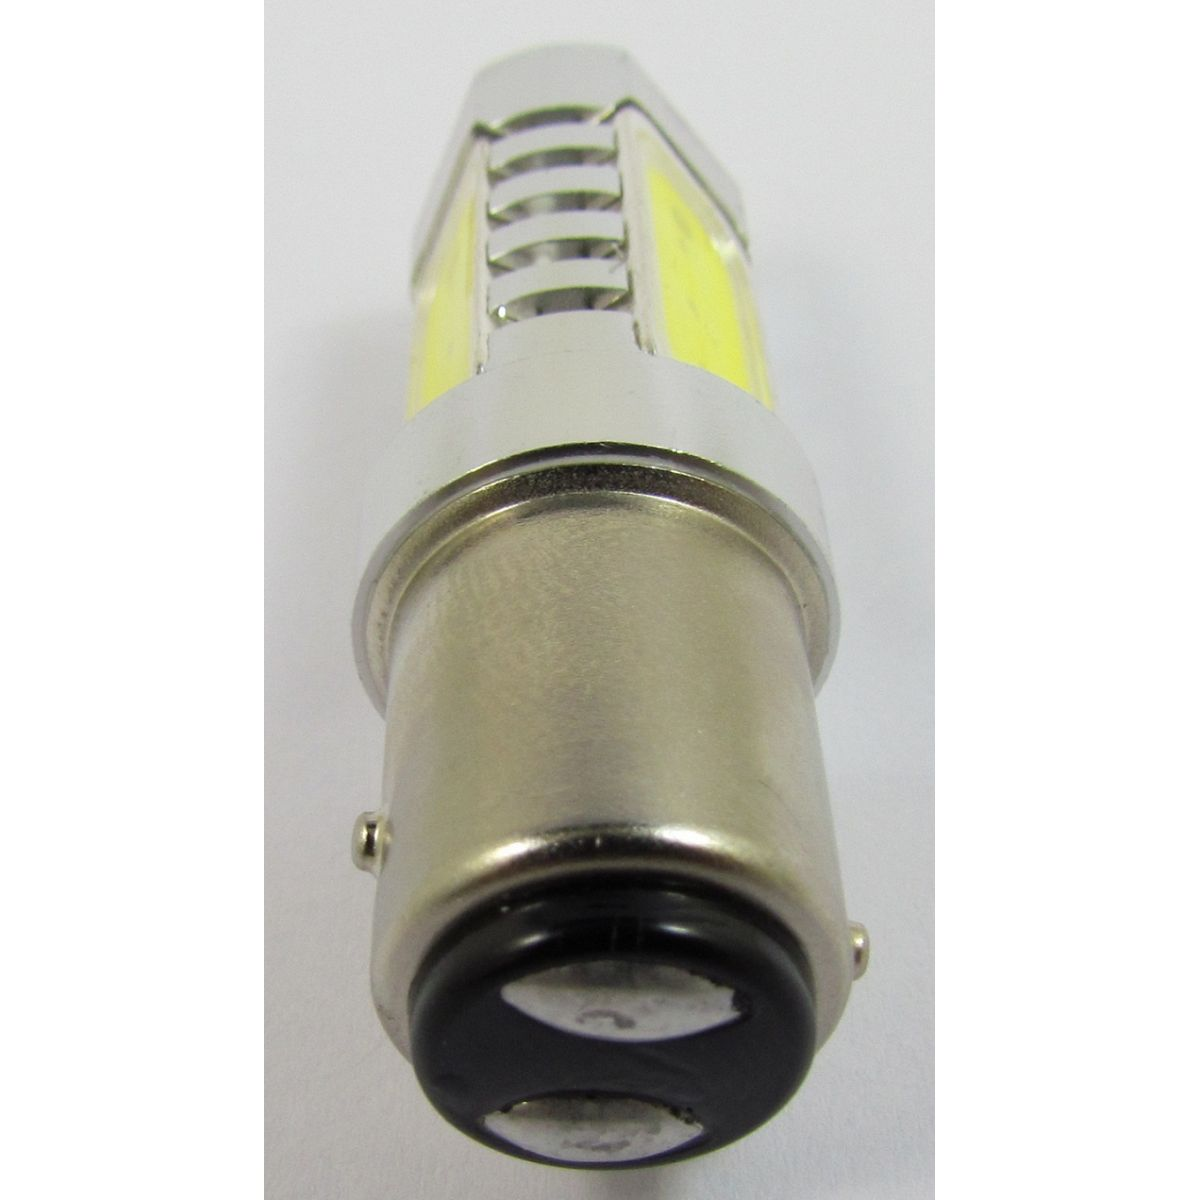 Par Lampada 1157 6w Led Dois Pólos Lanterna Freio Luz